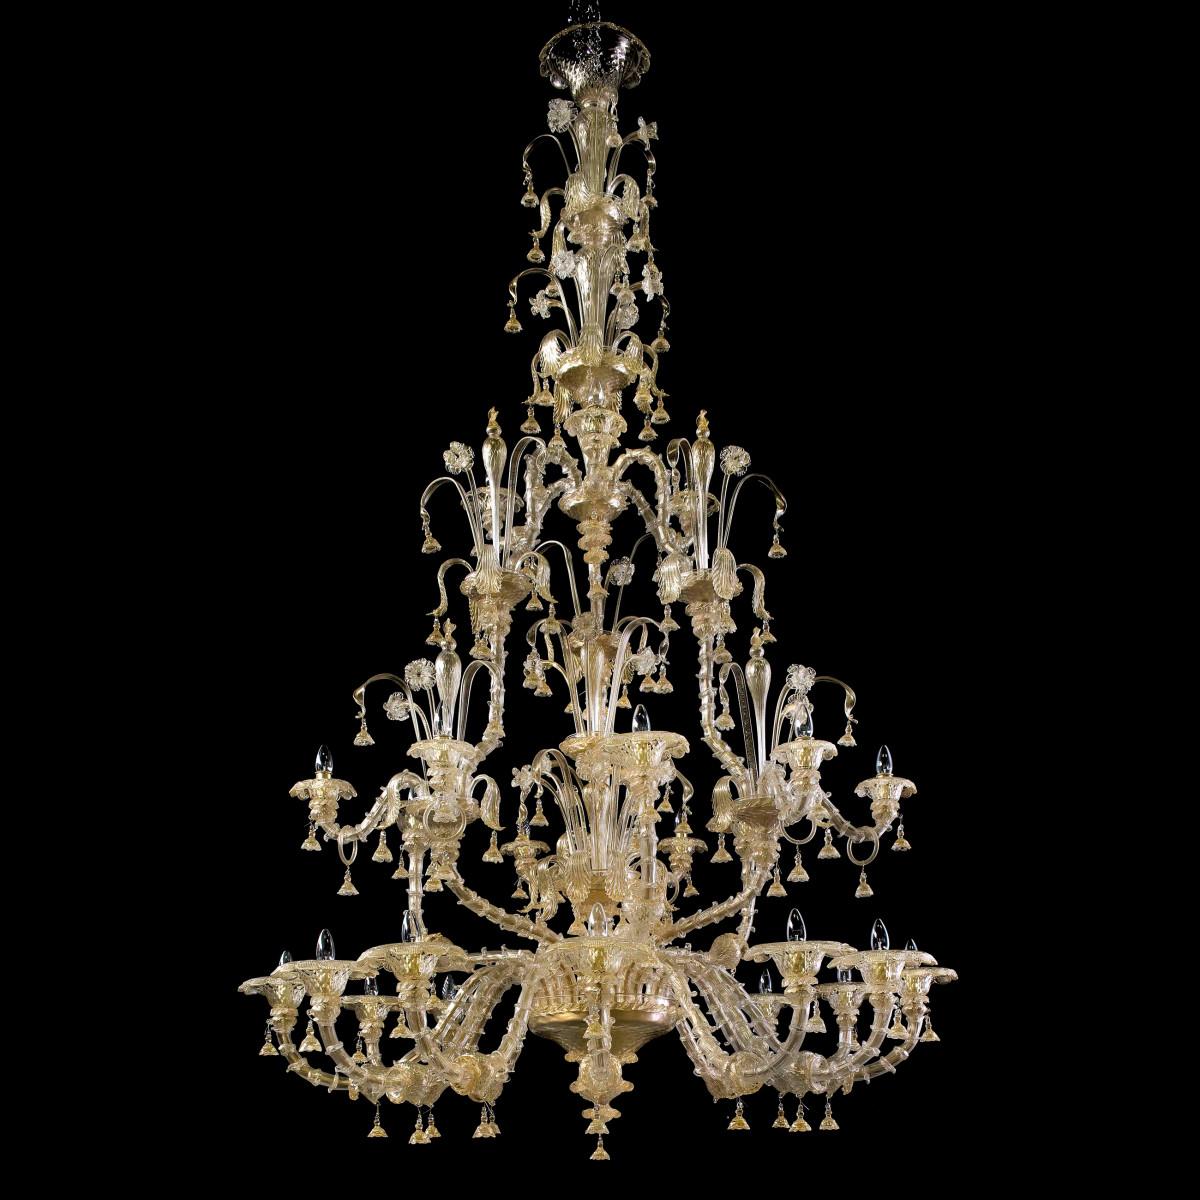 Magnifico 4 Etagen 12 +3 +6 +3 Lichter Murano-Kronleuchter mit Doppel-Wappen